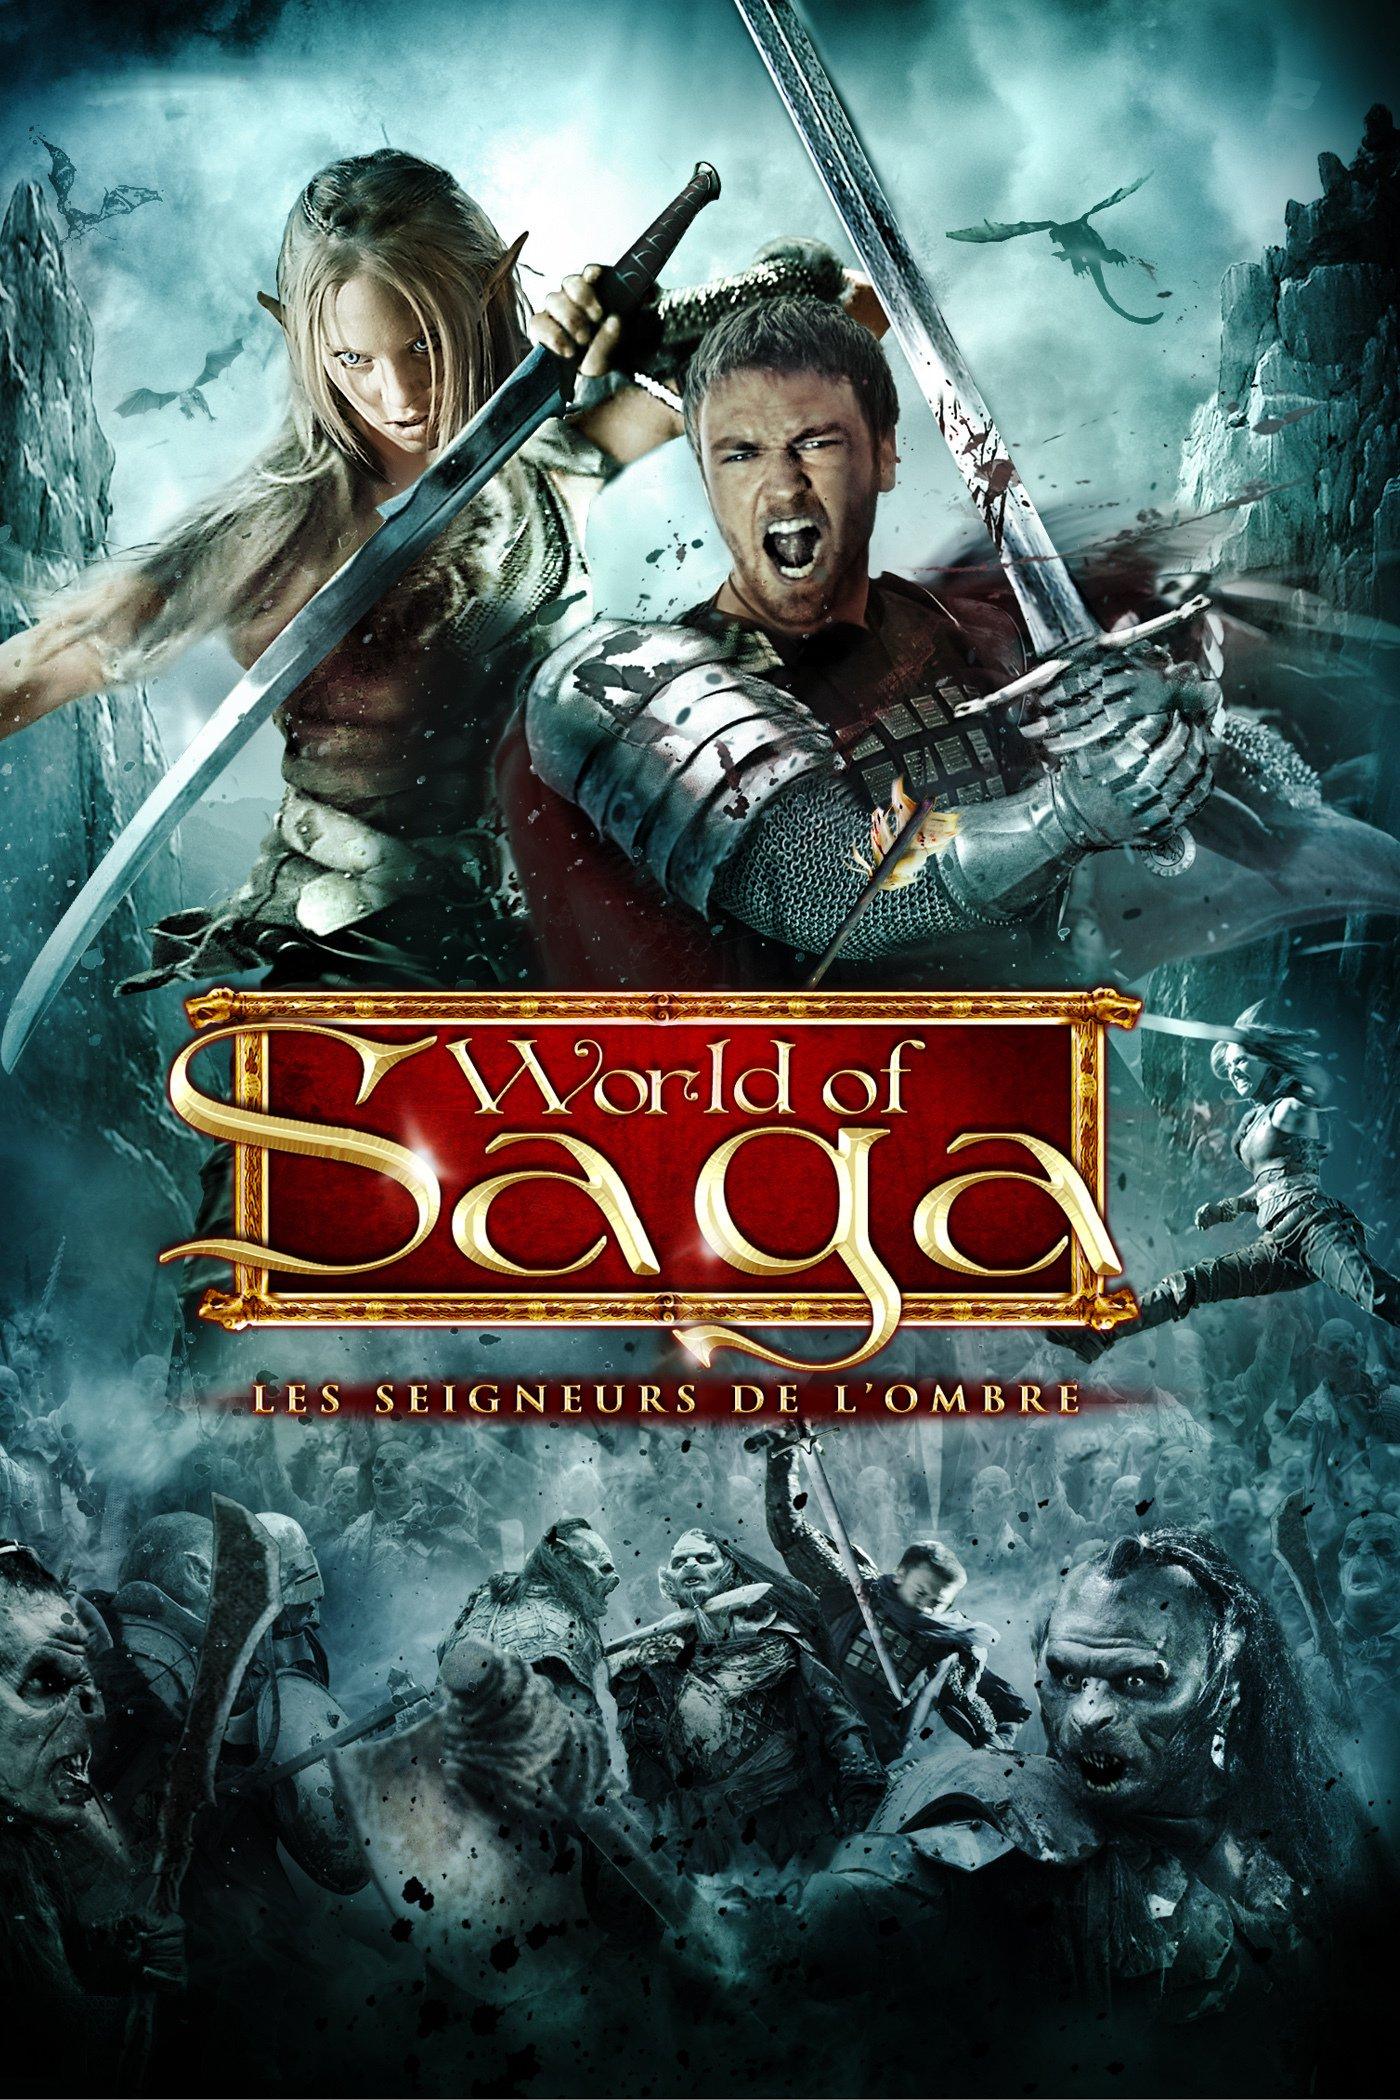 World of Saga, les seigneurs de lombre